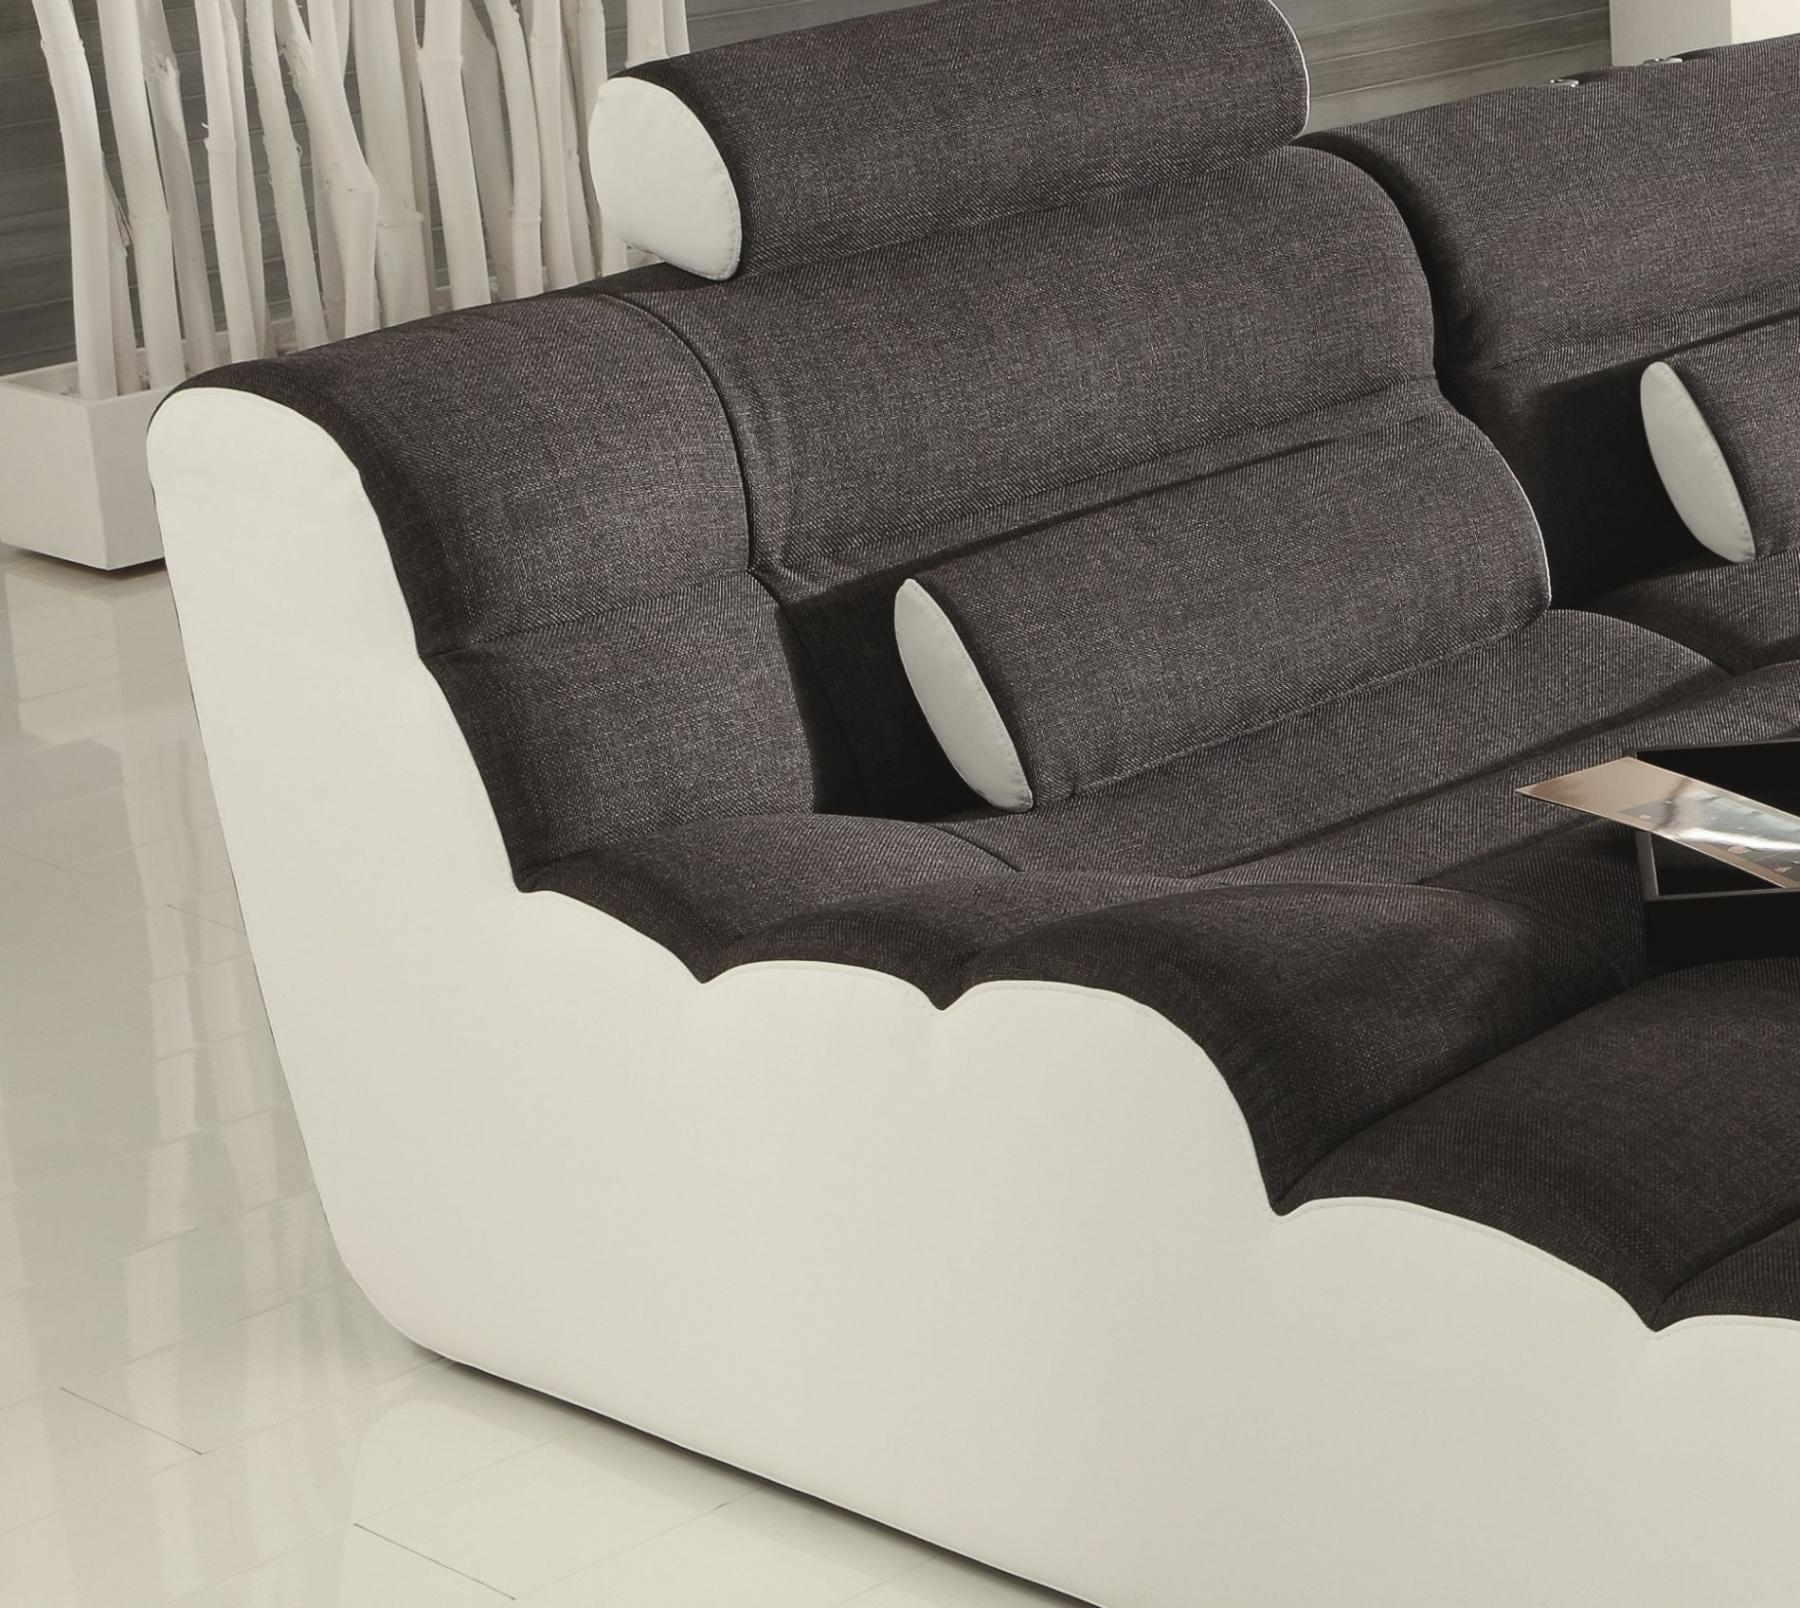 wohnlandschaft elements six mit 2 liegefl chen kaufen bei pmr handelsgesellschaft mbh. Black Bedroom Furniture Sets. Home Design Ideas